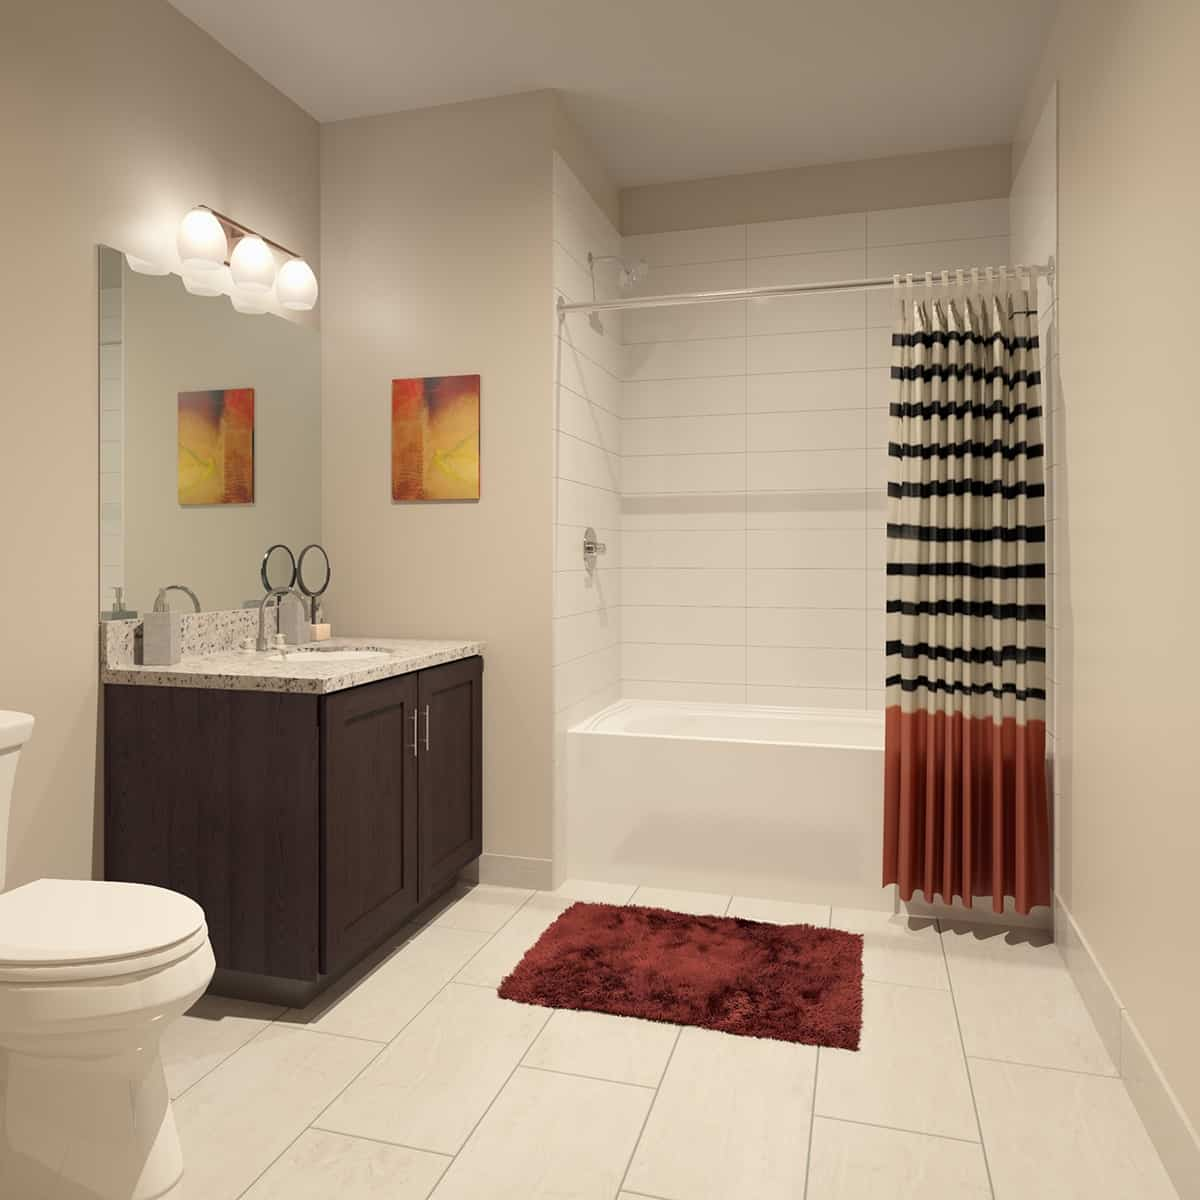 Устройство принудительной вентиляции ванной комнаты и туалета в частном доме